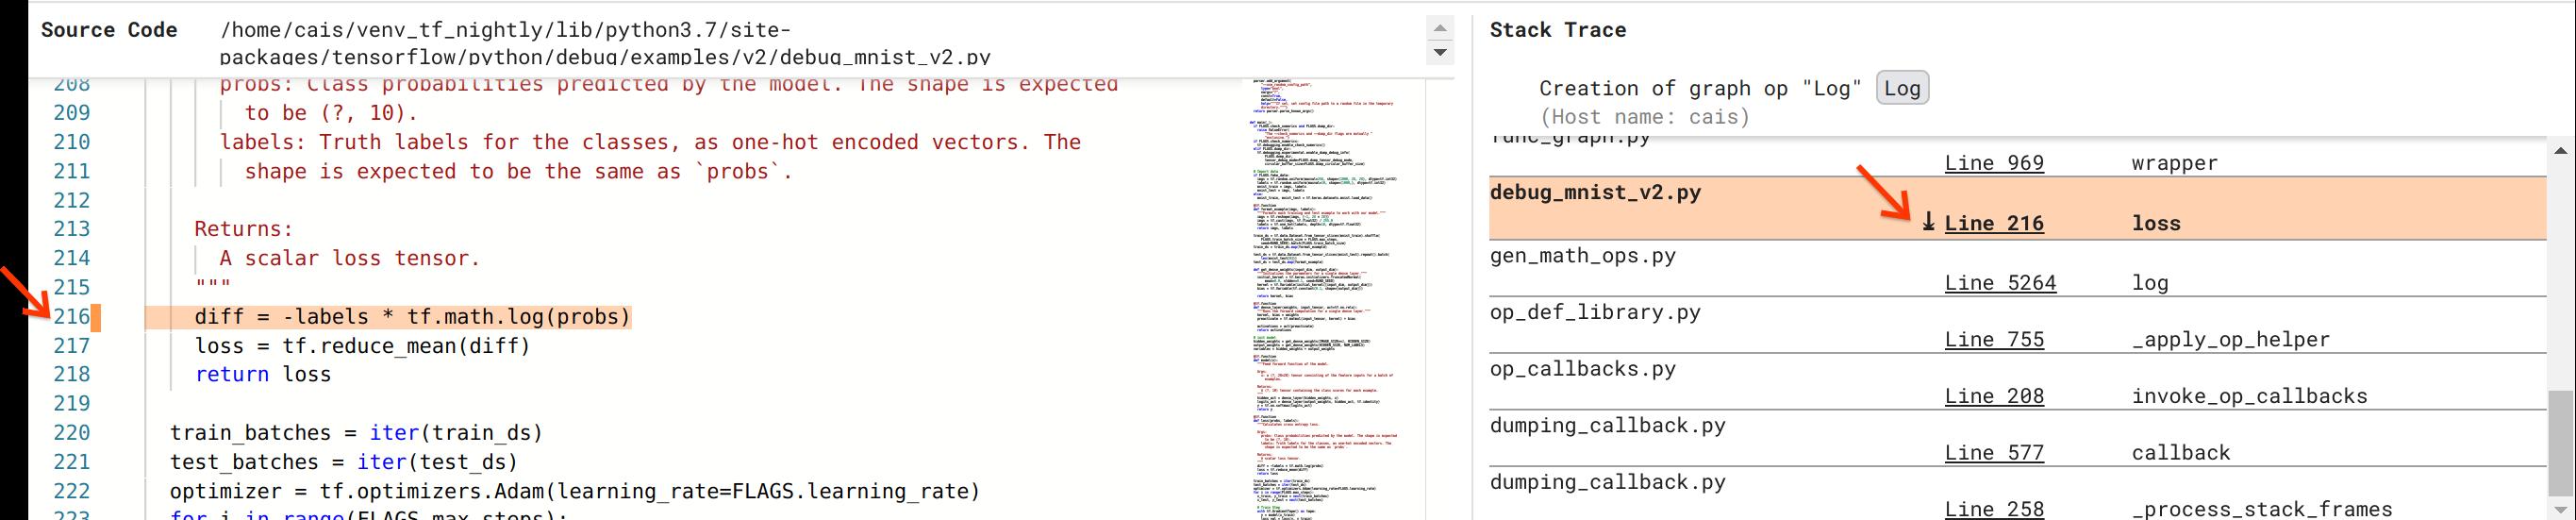 डीबगर V2: स्रोत कोड और स्टैक ट्रेस